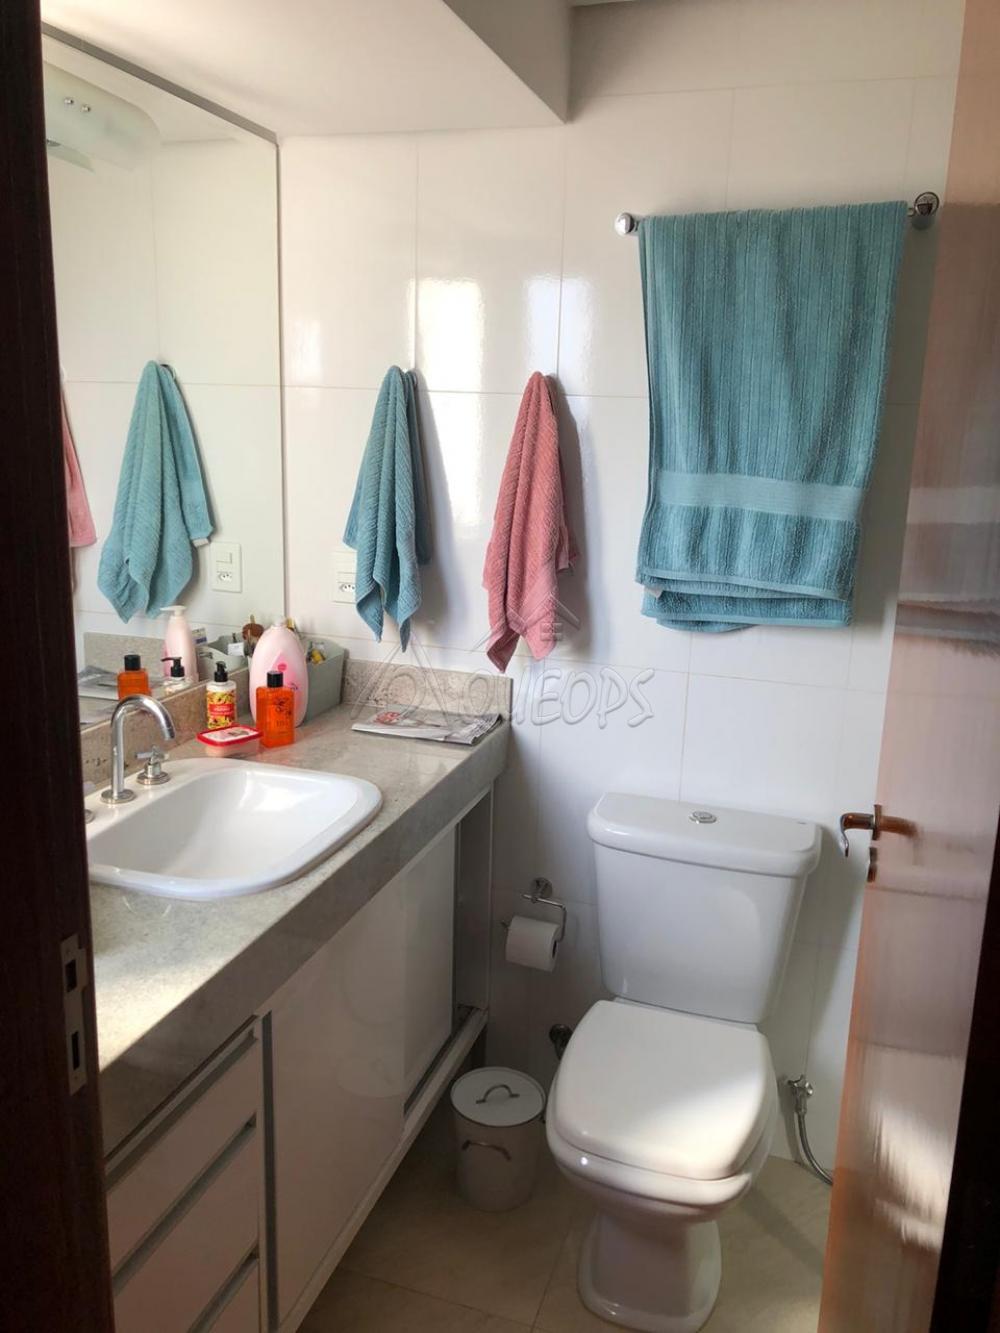 Comprar Apartamento / Padrão em Barretos apenas R$ 700.000,00 - Foto 17